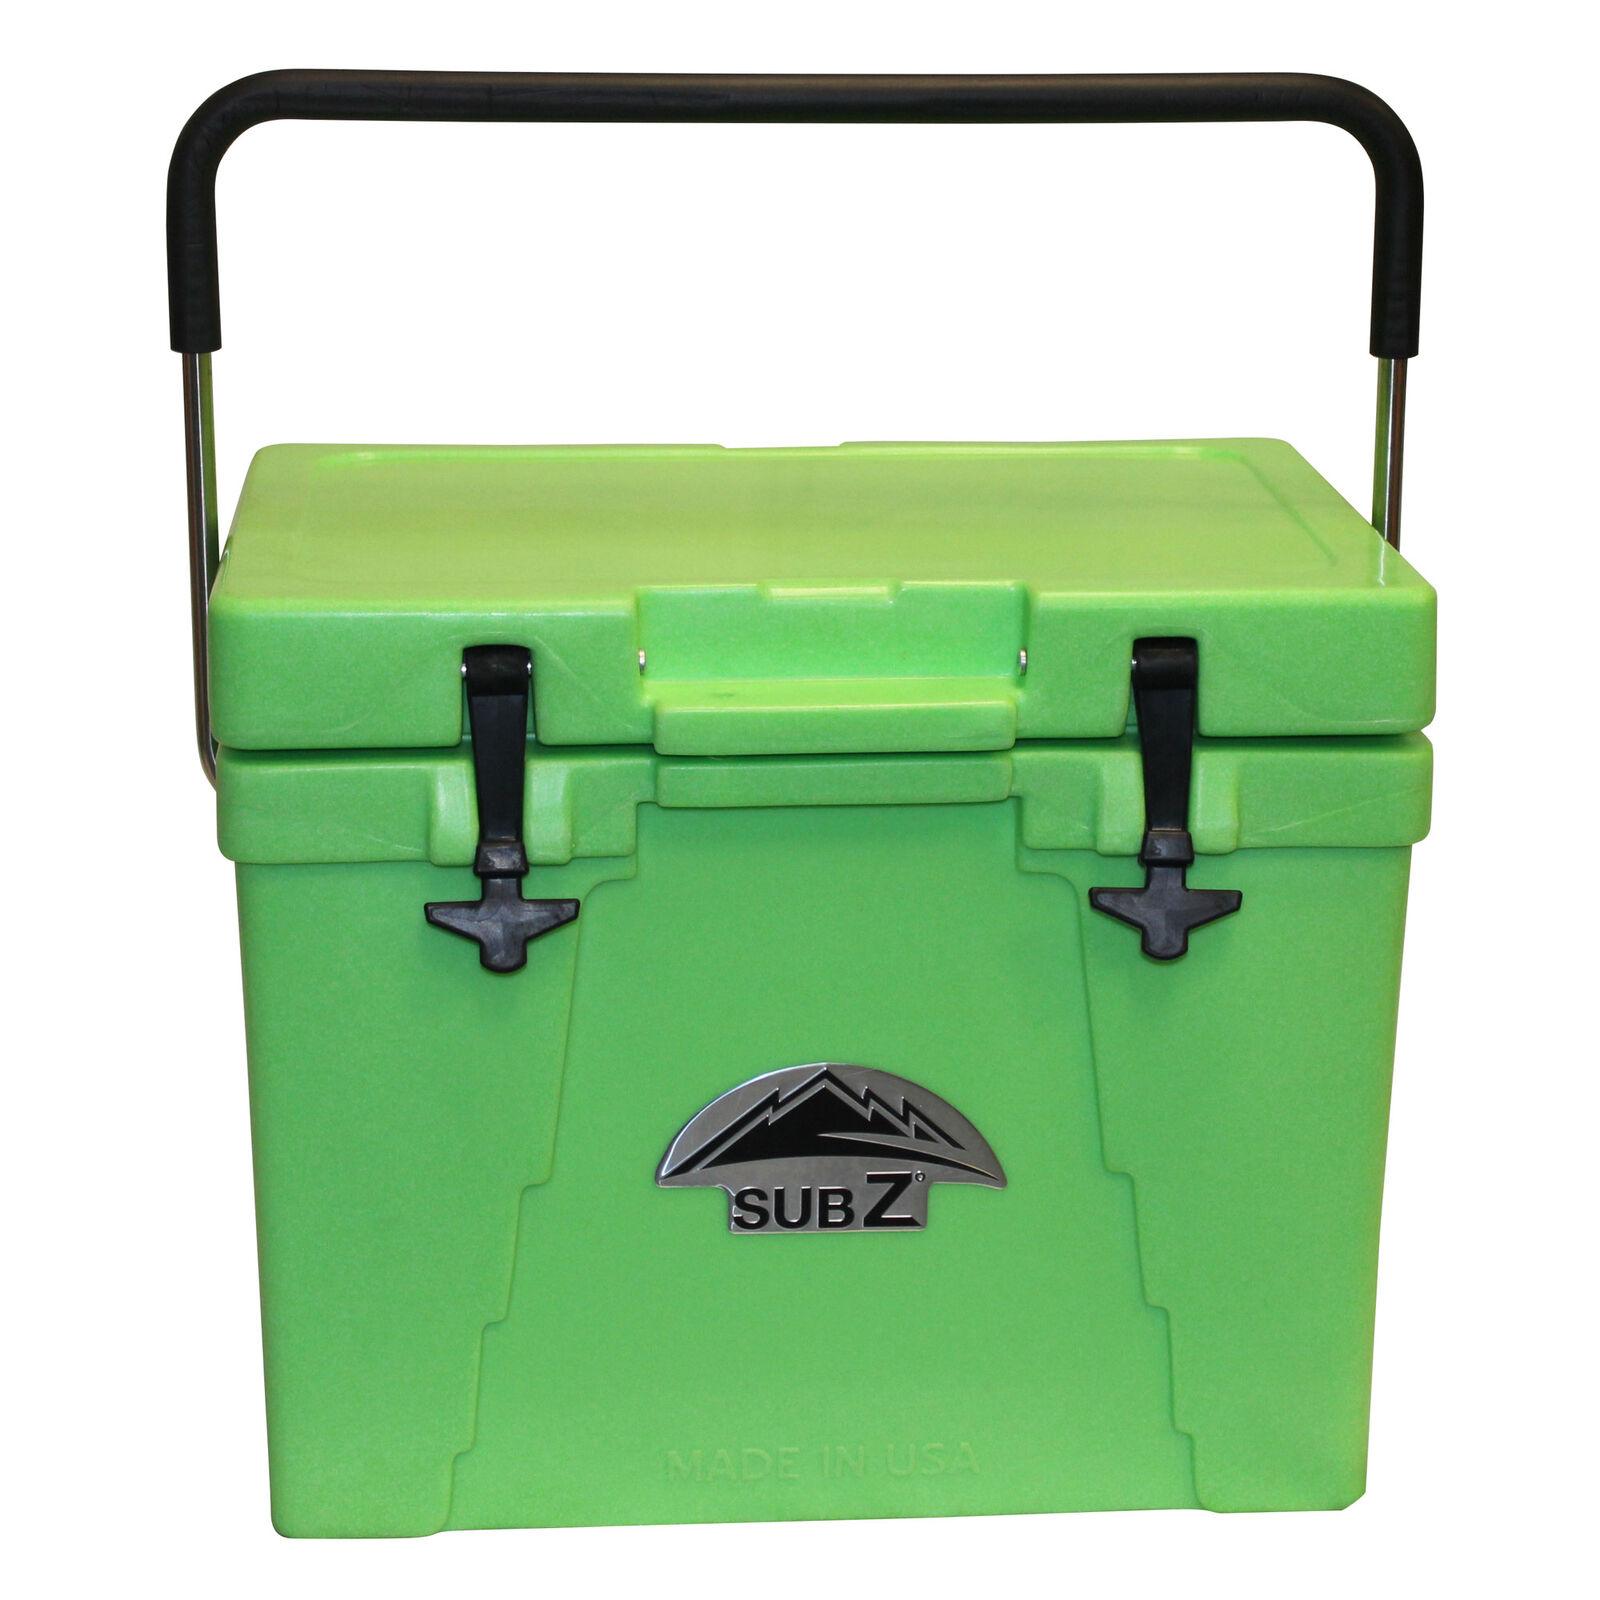 Nash Sub Z 23 Quart Heavy Grün Duty Outdoor Portable Camping Sports Cooler, Grün Heavy e5718a